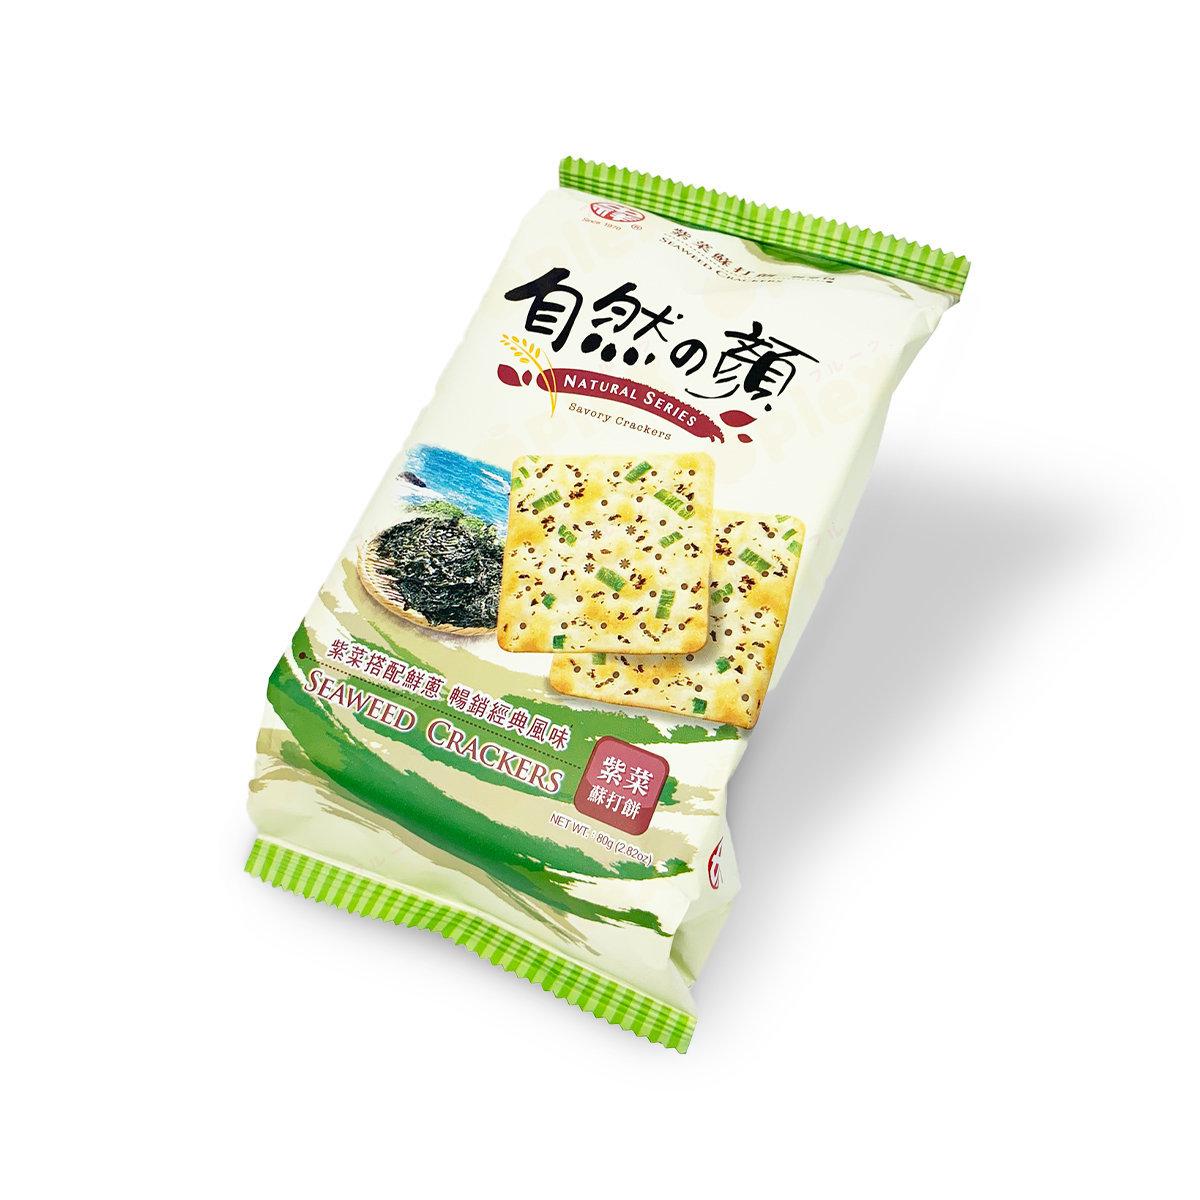 Seaweed Crackers (80g)